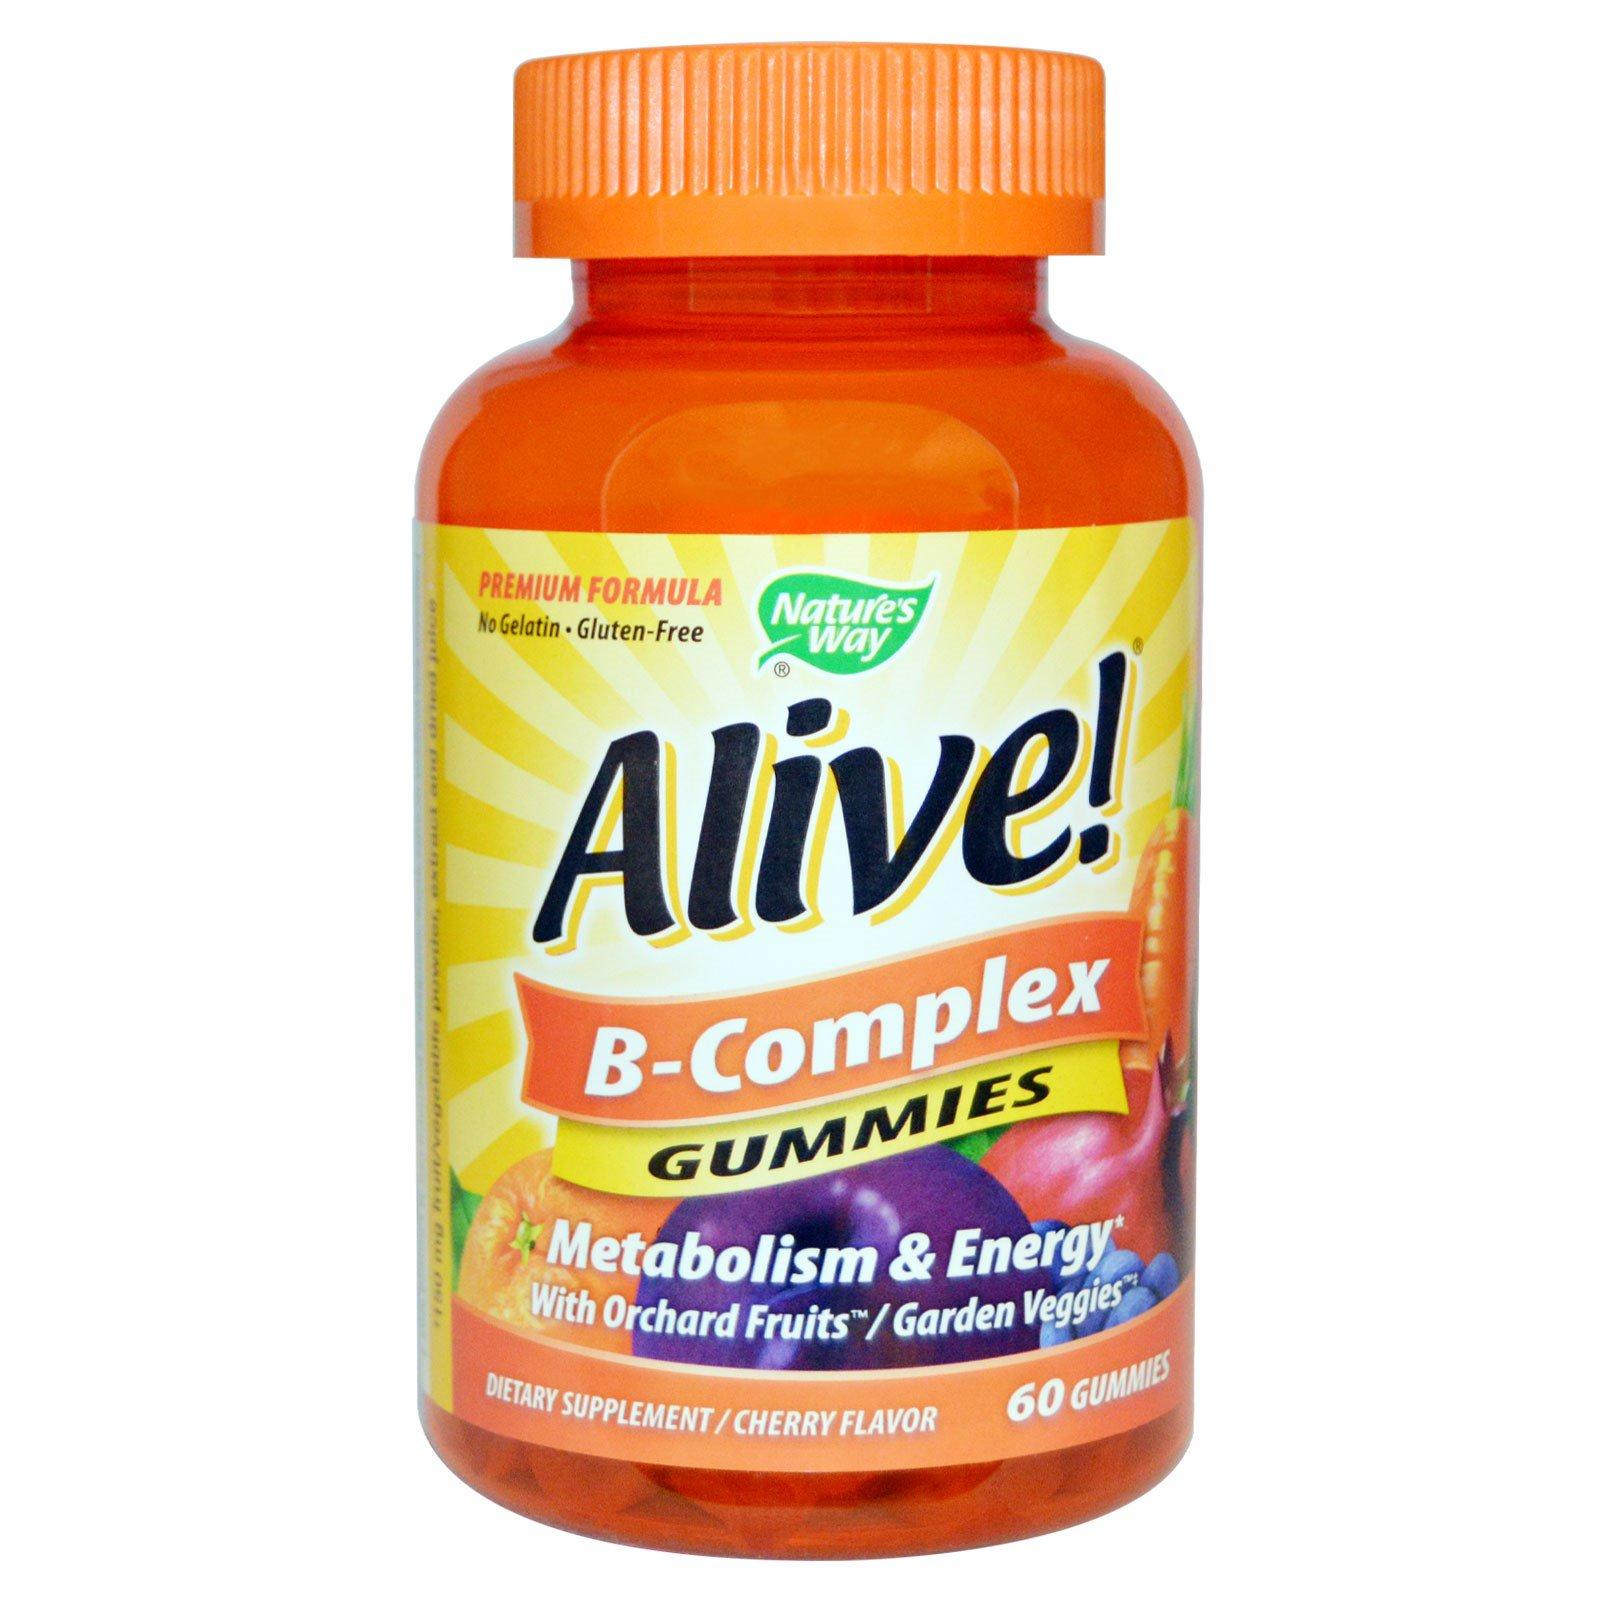 Nature's Way, Alive! Комплекс витаминов группы В, вишневый вкус, 60 жевательных таблеток